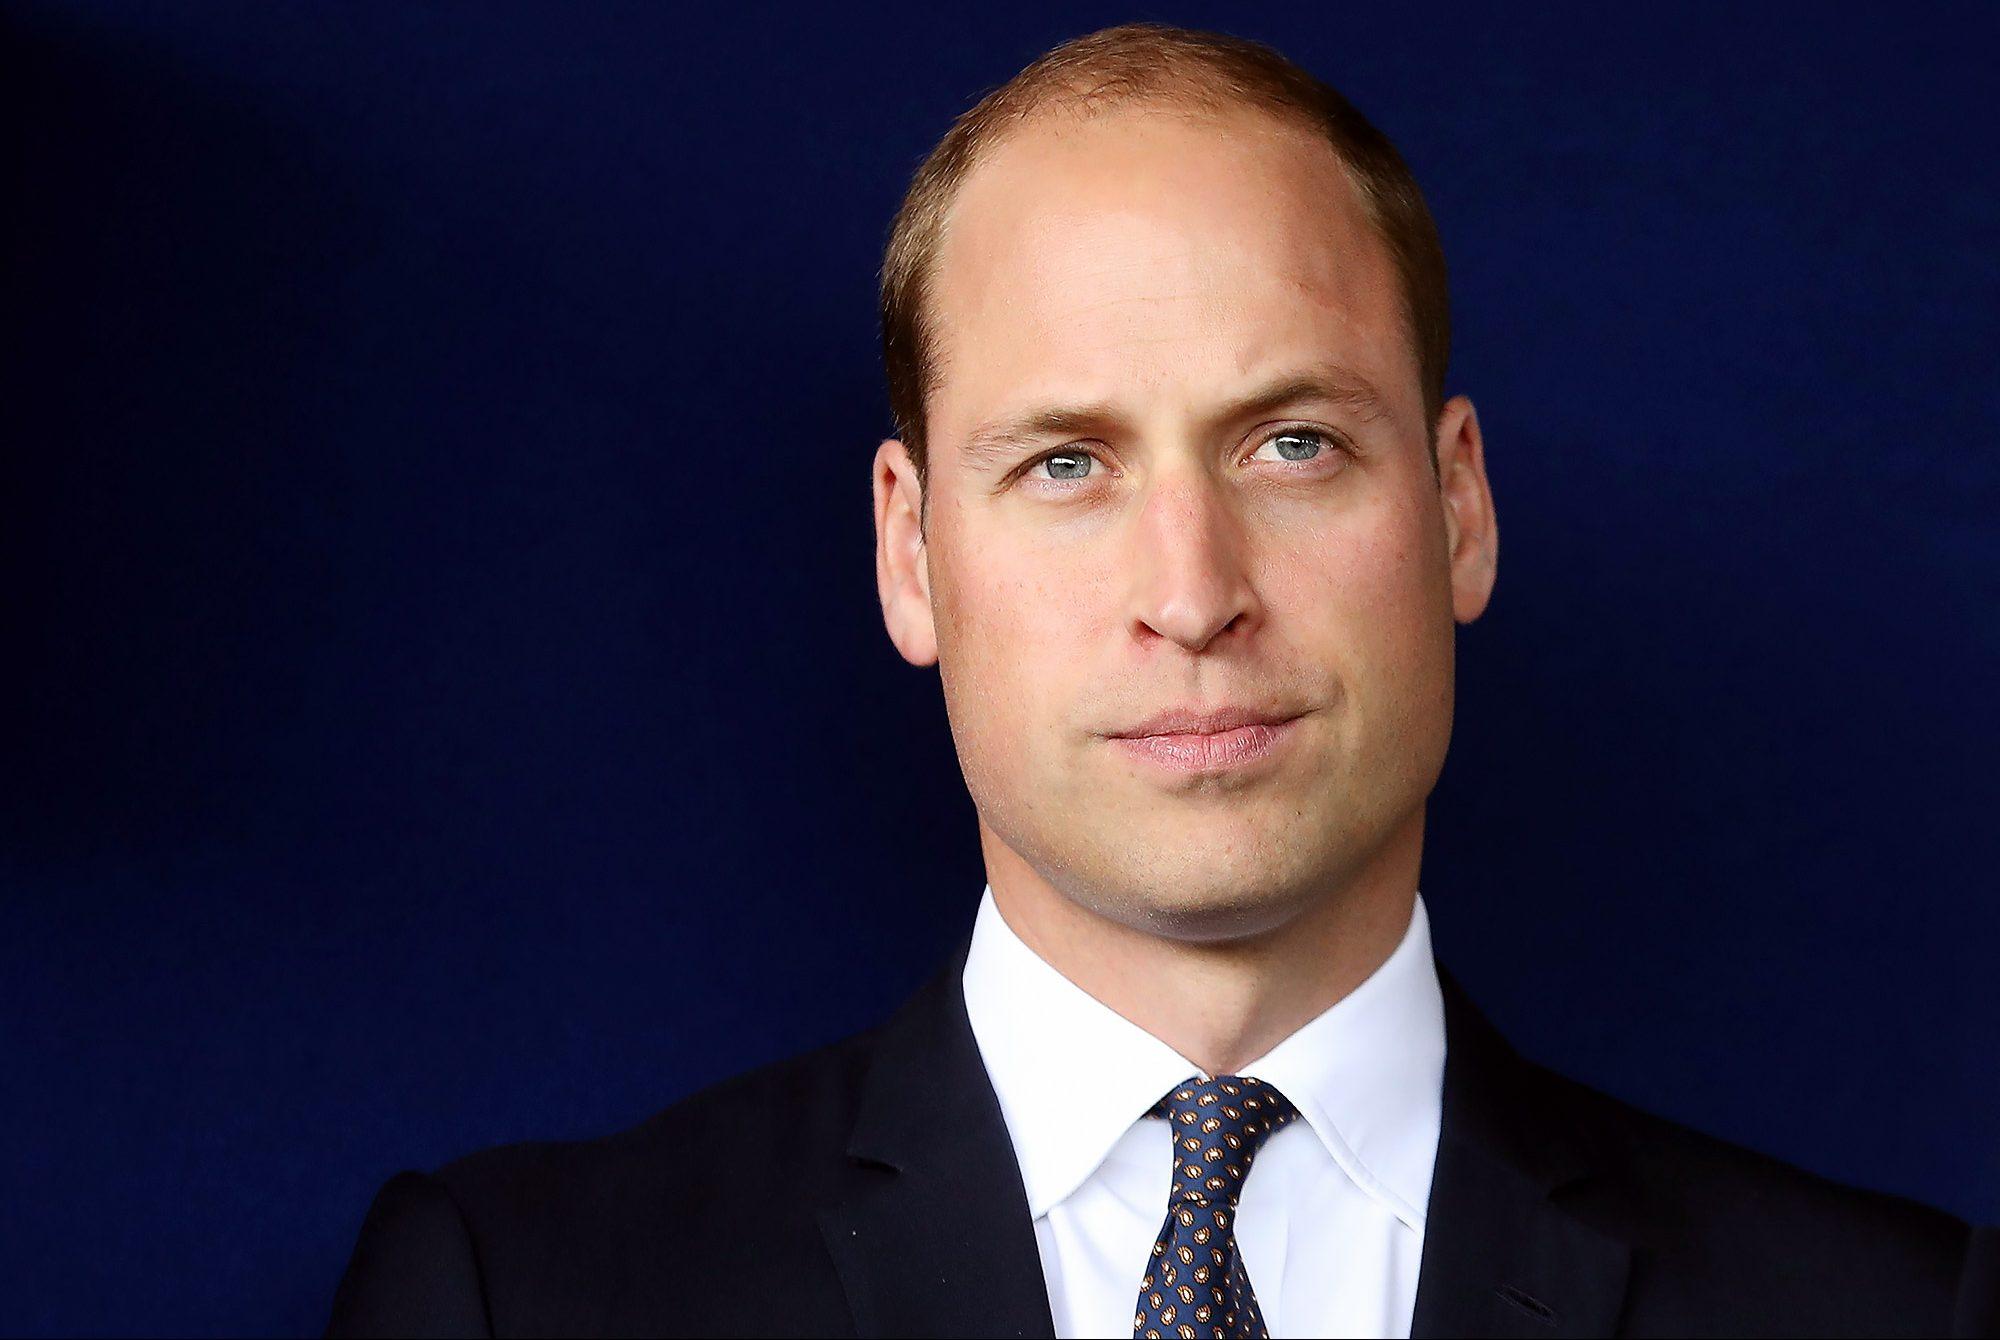 Prens William, 37 LGBT Karşıtı Ülke İle Mücadele Etme Sözü Verdi